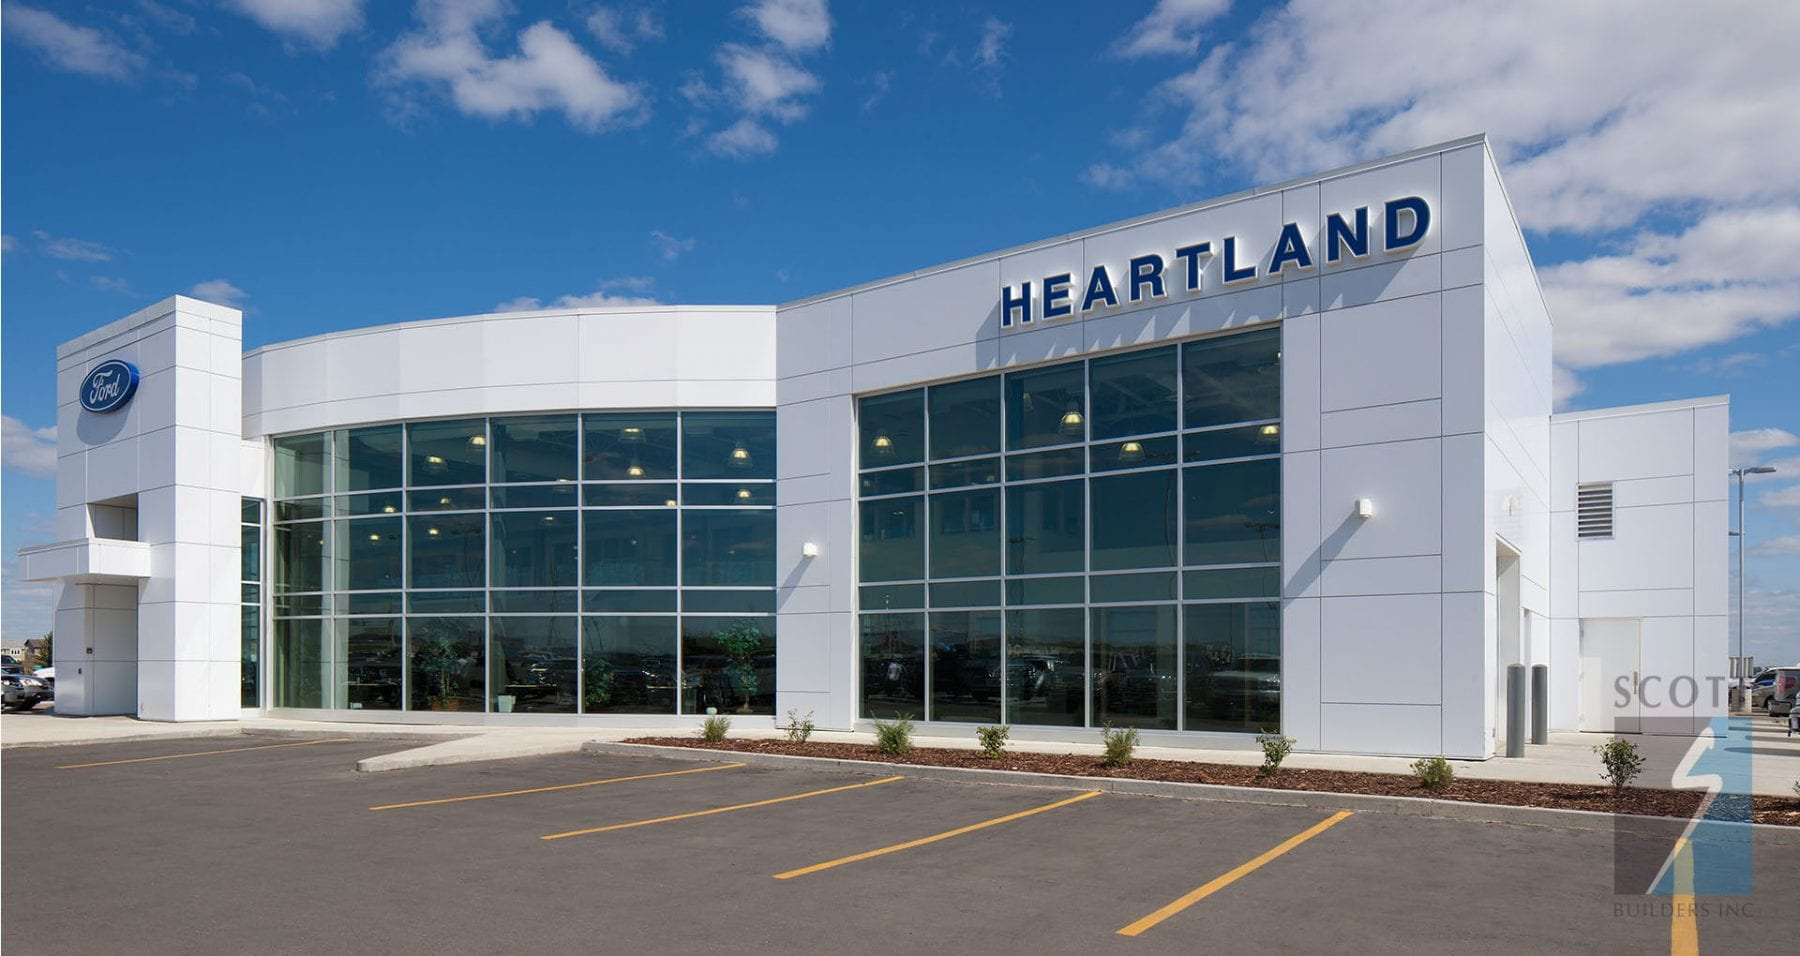 Heartland-2